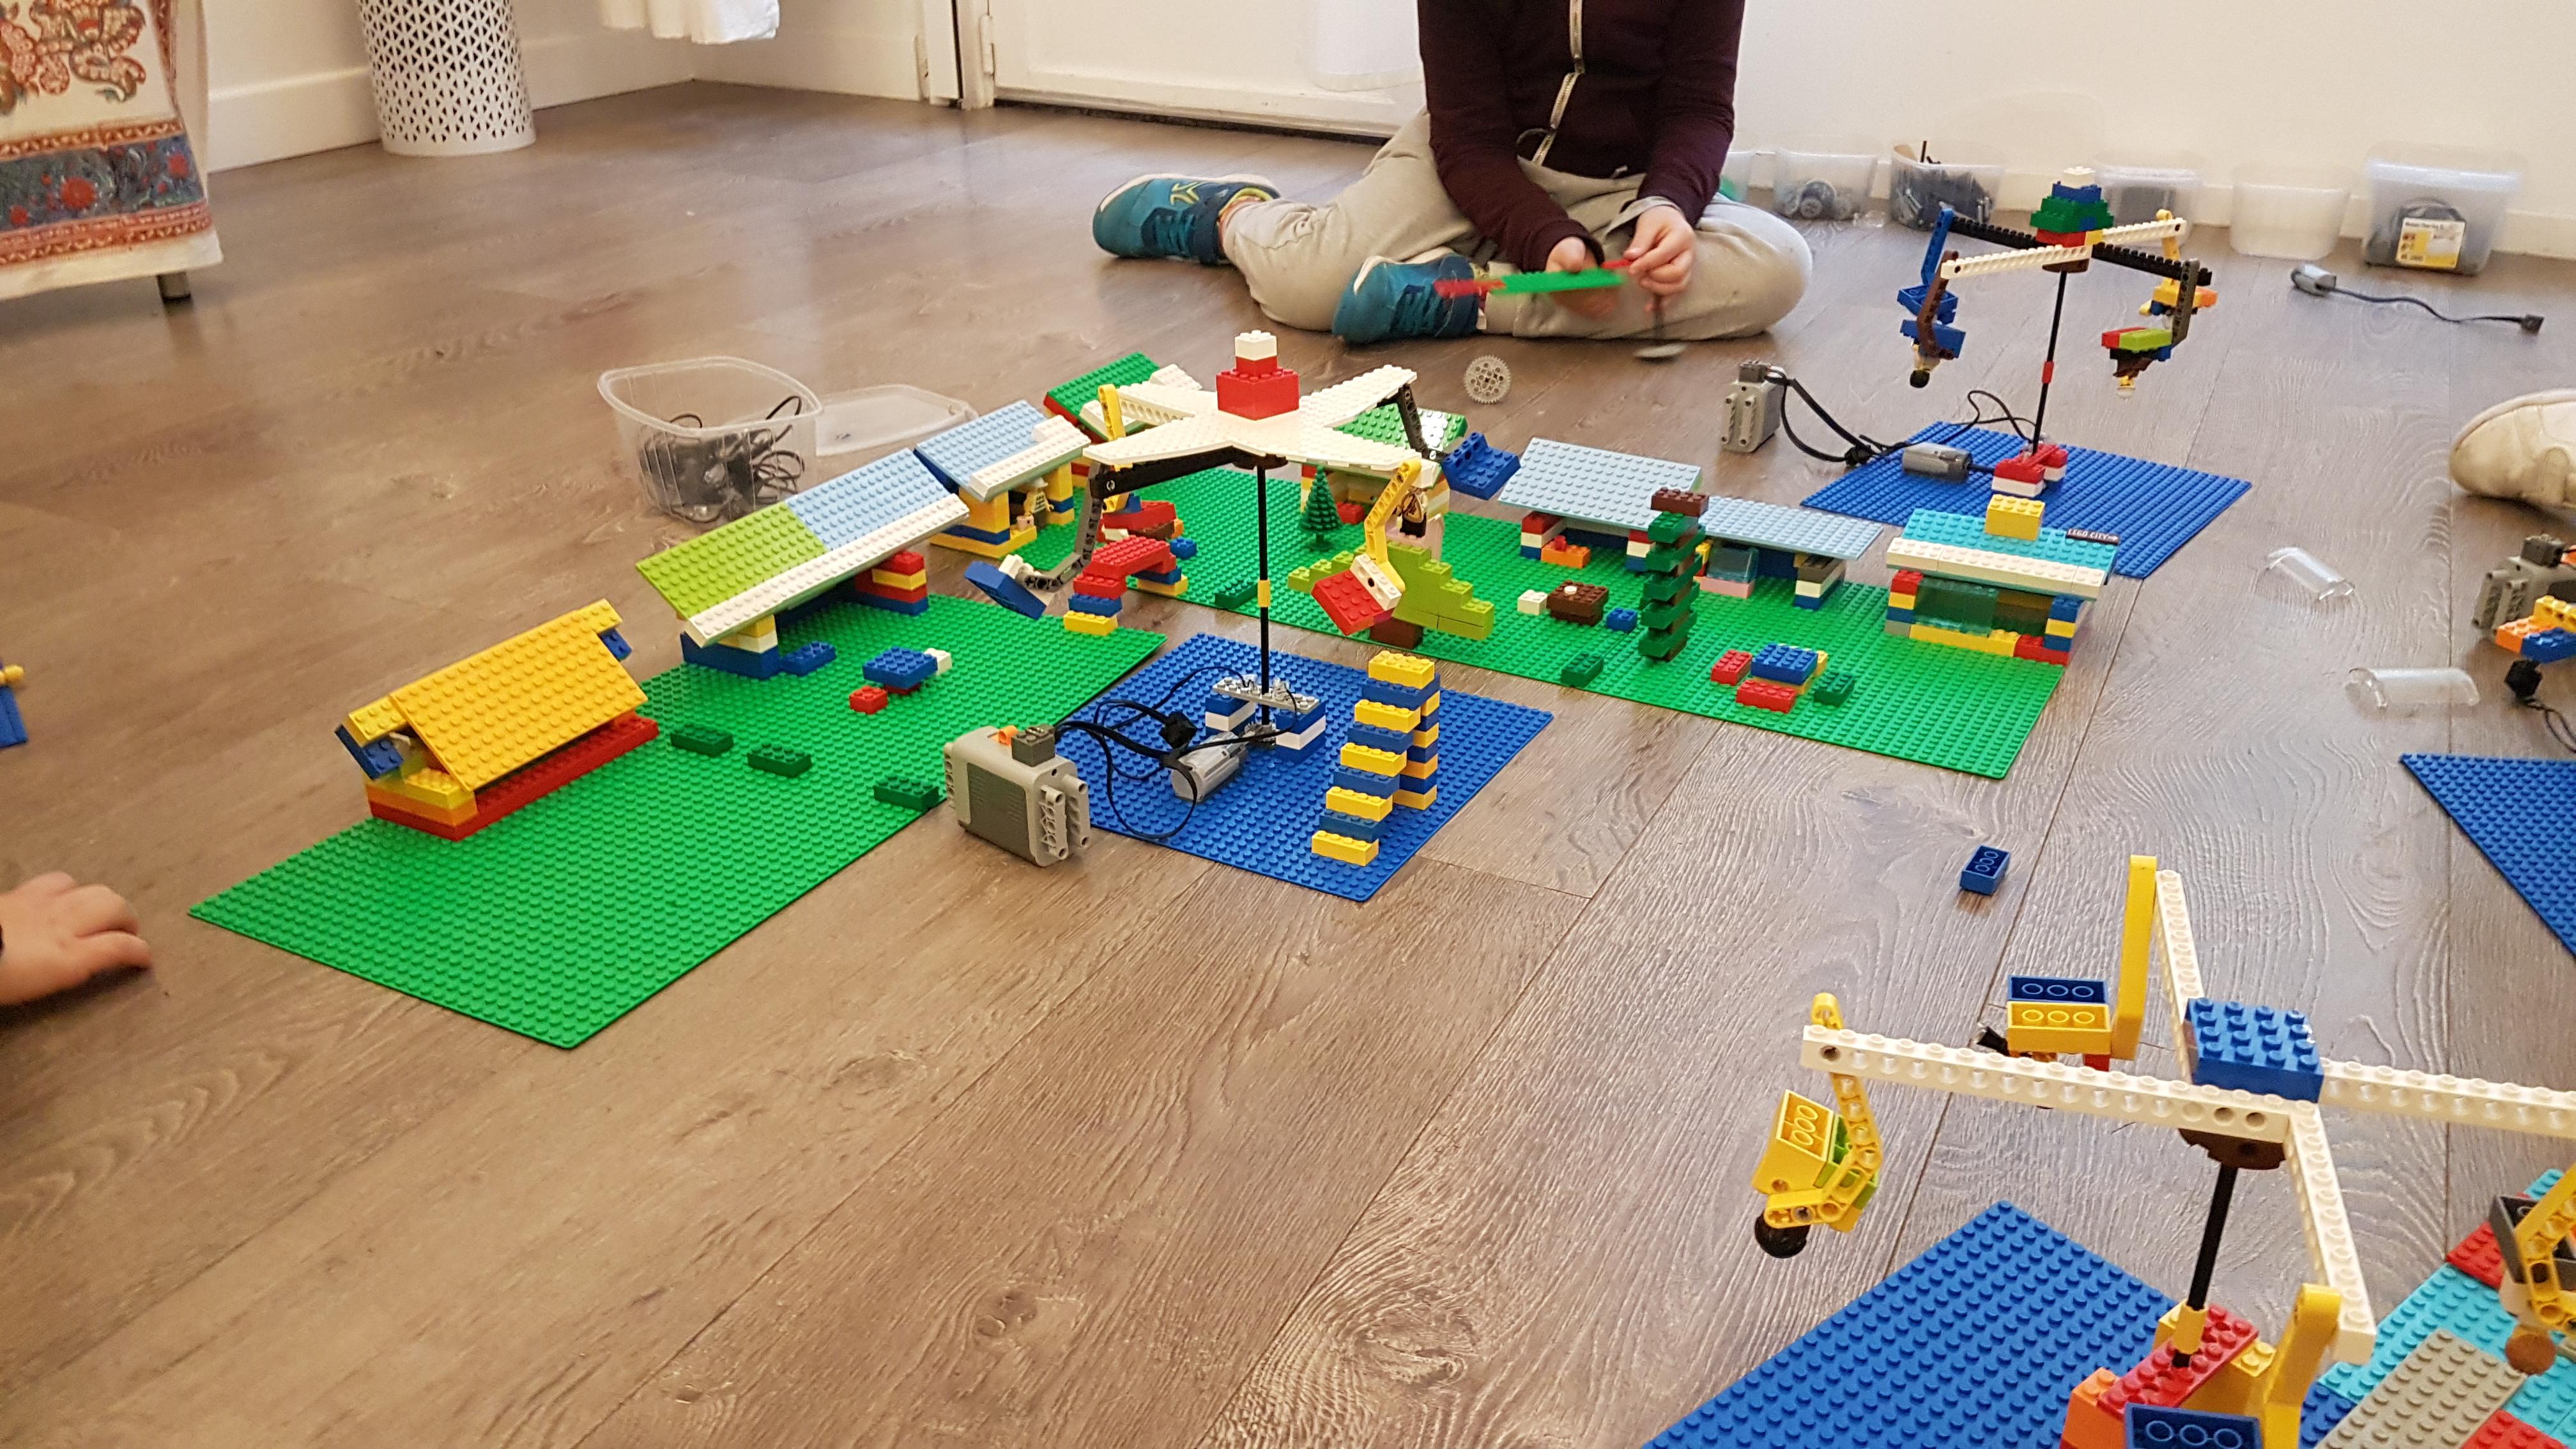 ateliers-stages-enfants-mercredis-vacances-le8petion-paris11